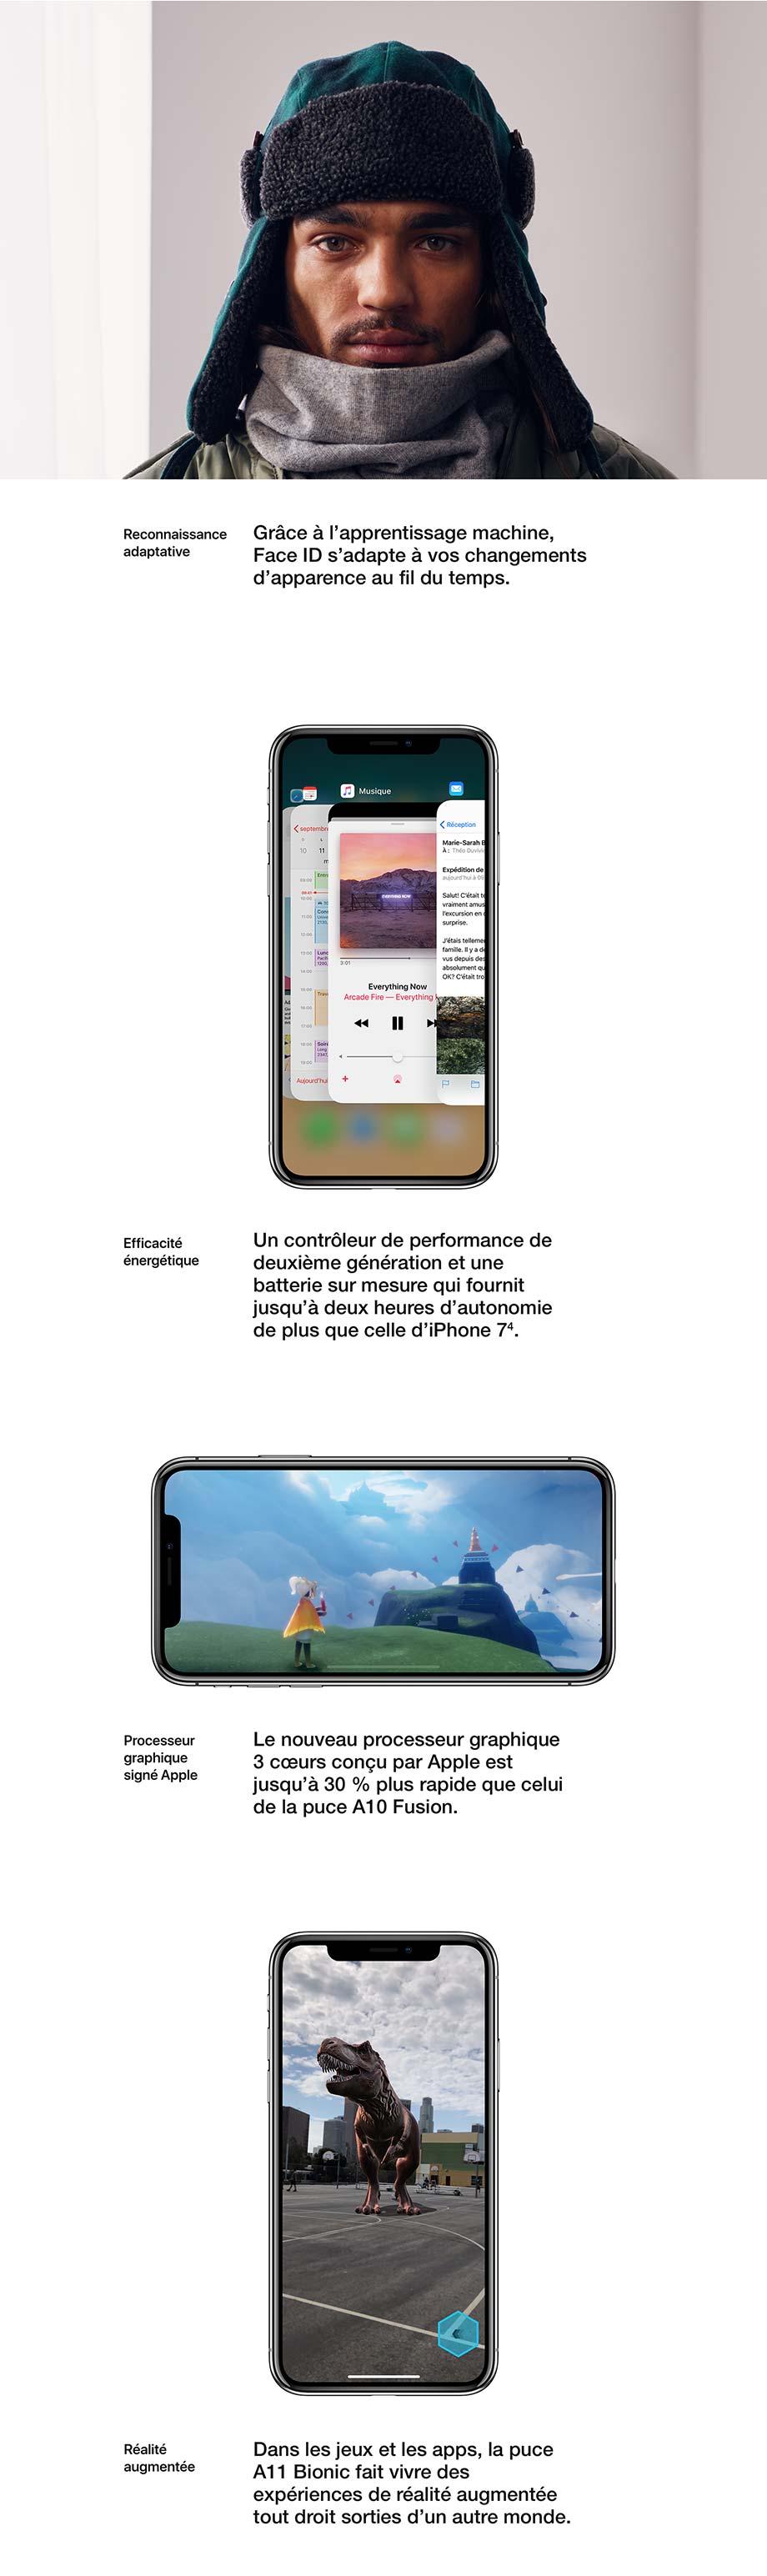 Reconnaissance adaptative, Efficacité énergétique, Processeur graphique signé Apple, Réalité augmentée